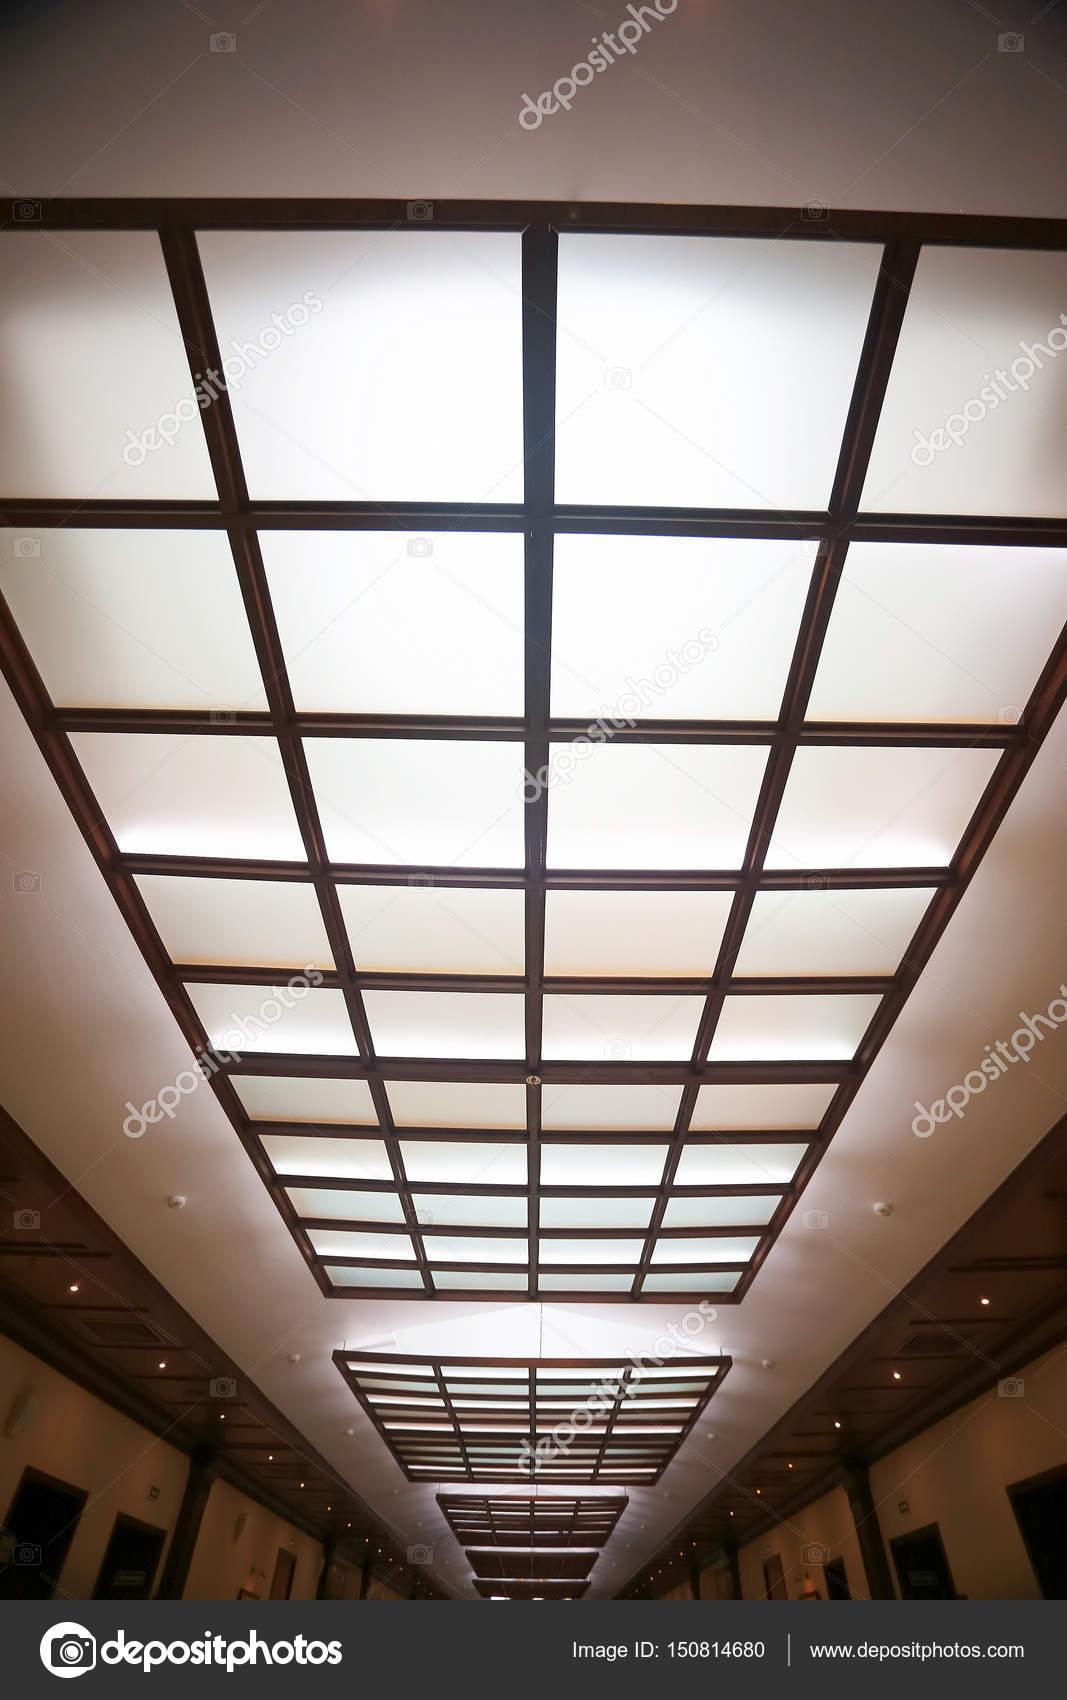 Leuchtende Decke leuchtende decke mit glas stockfoto xload 150814680